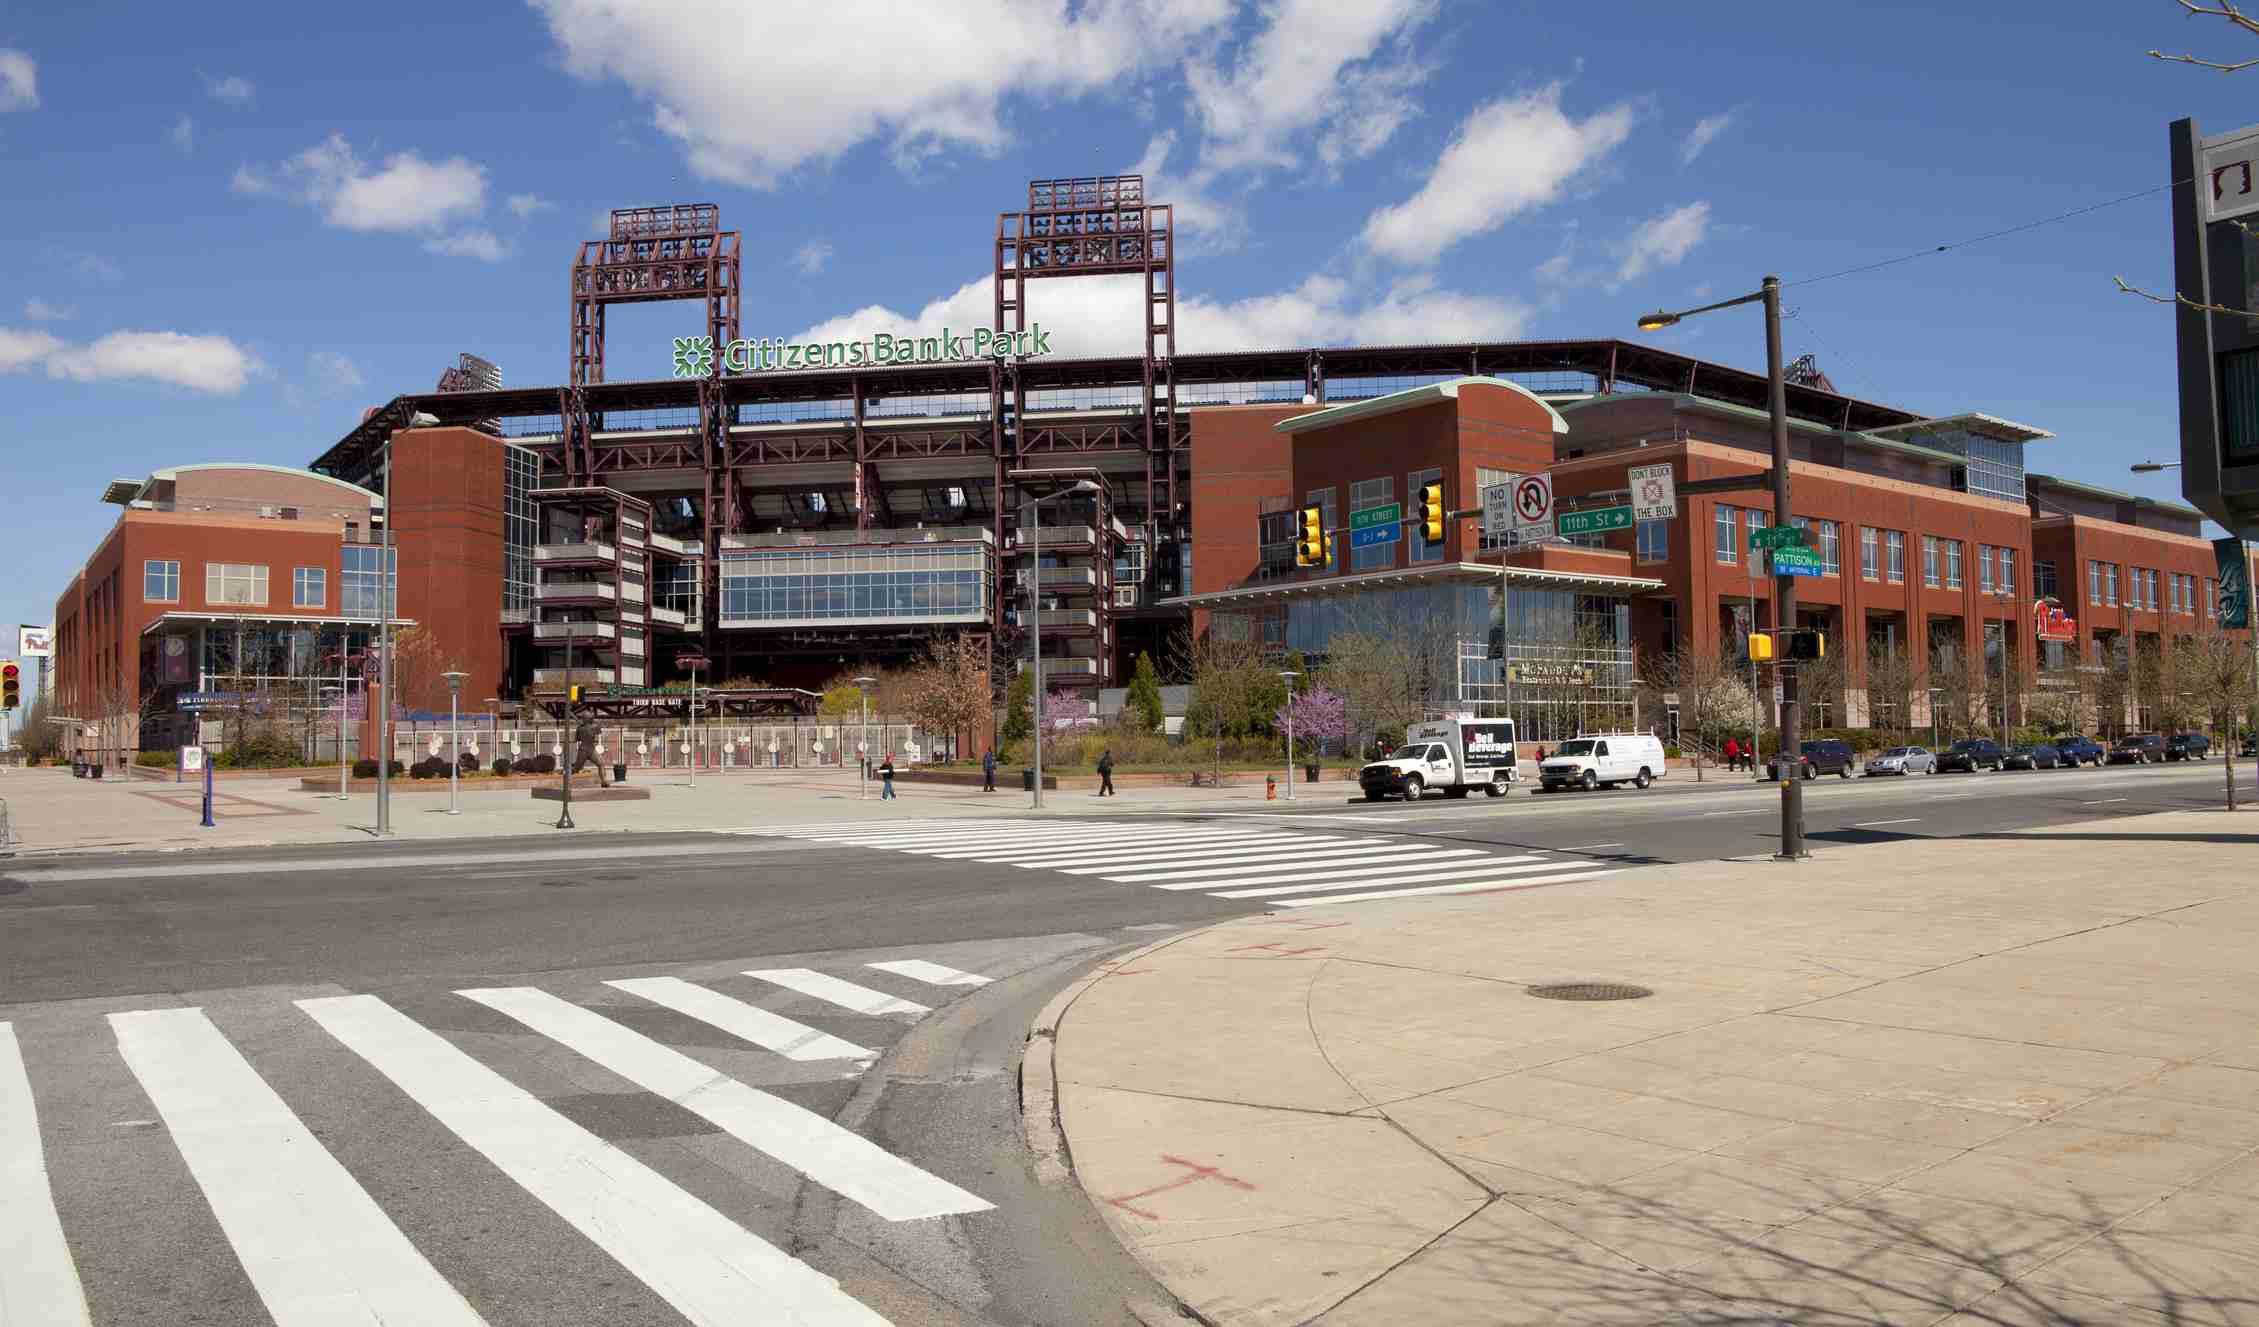 Philadelphia Phillies' Citizens Bank Park